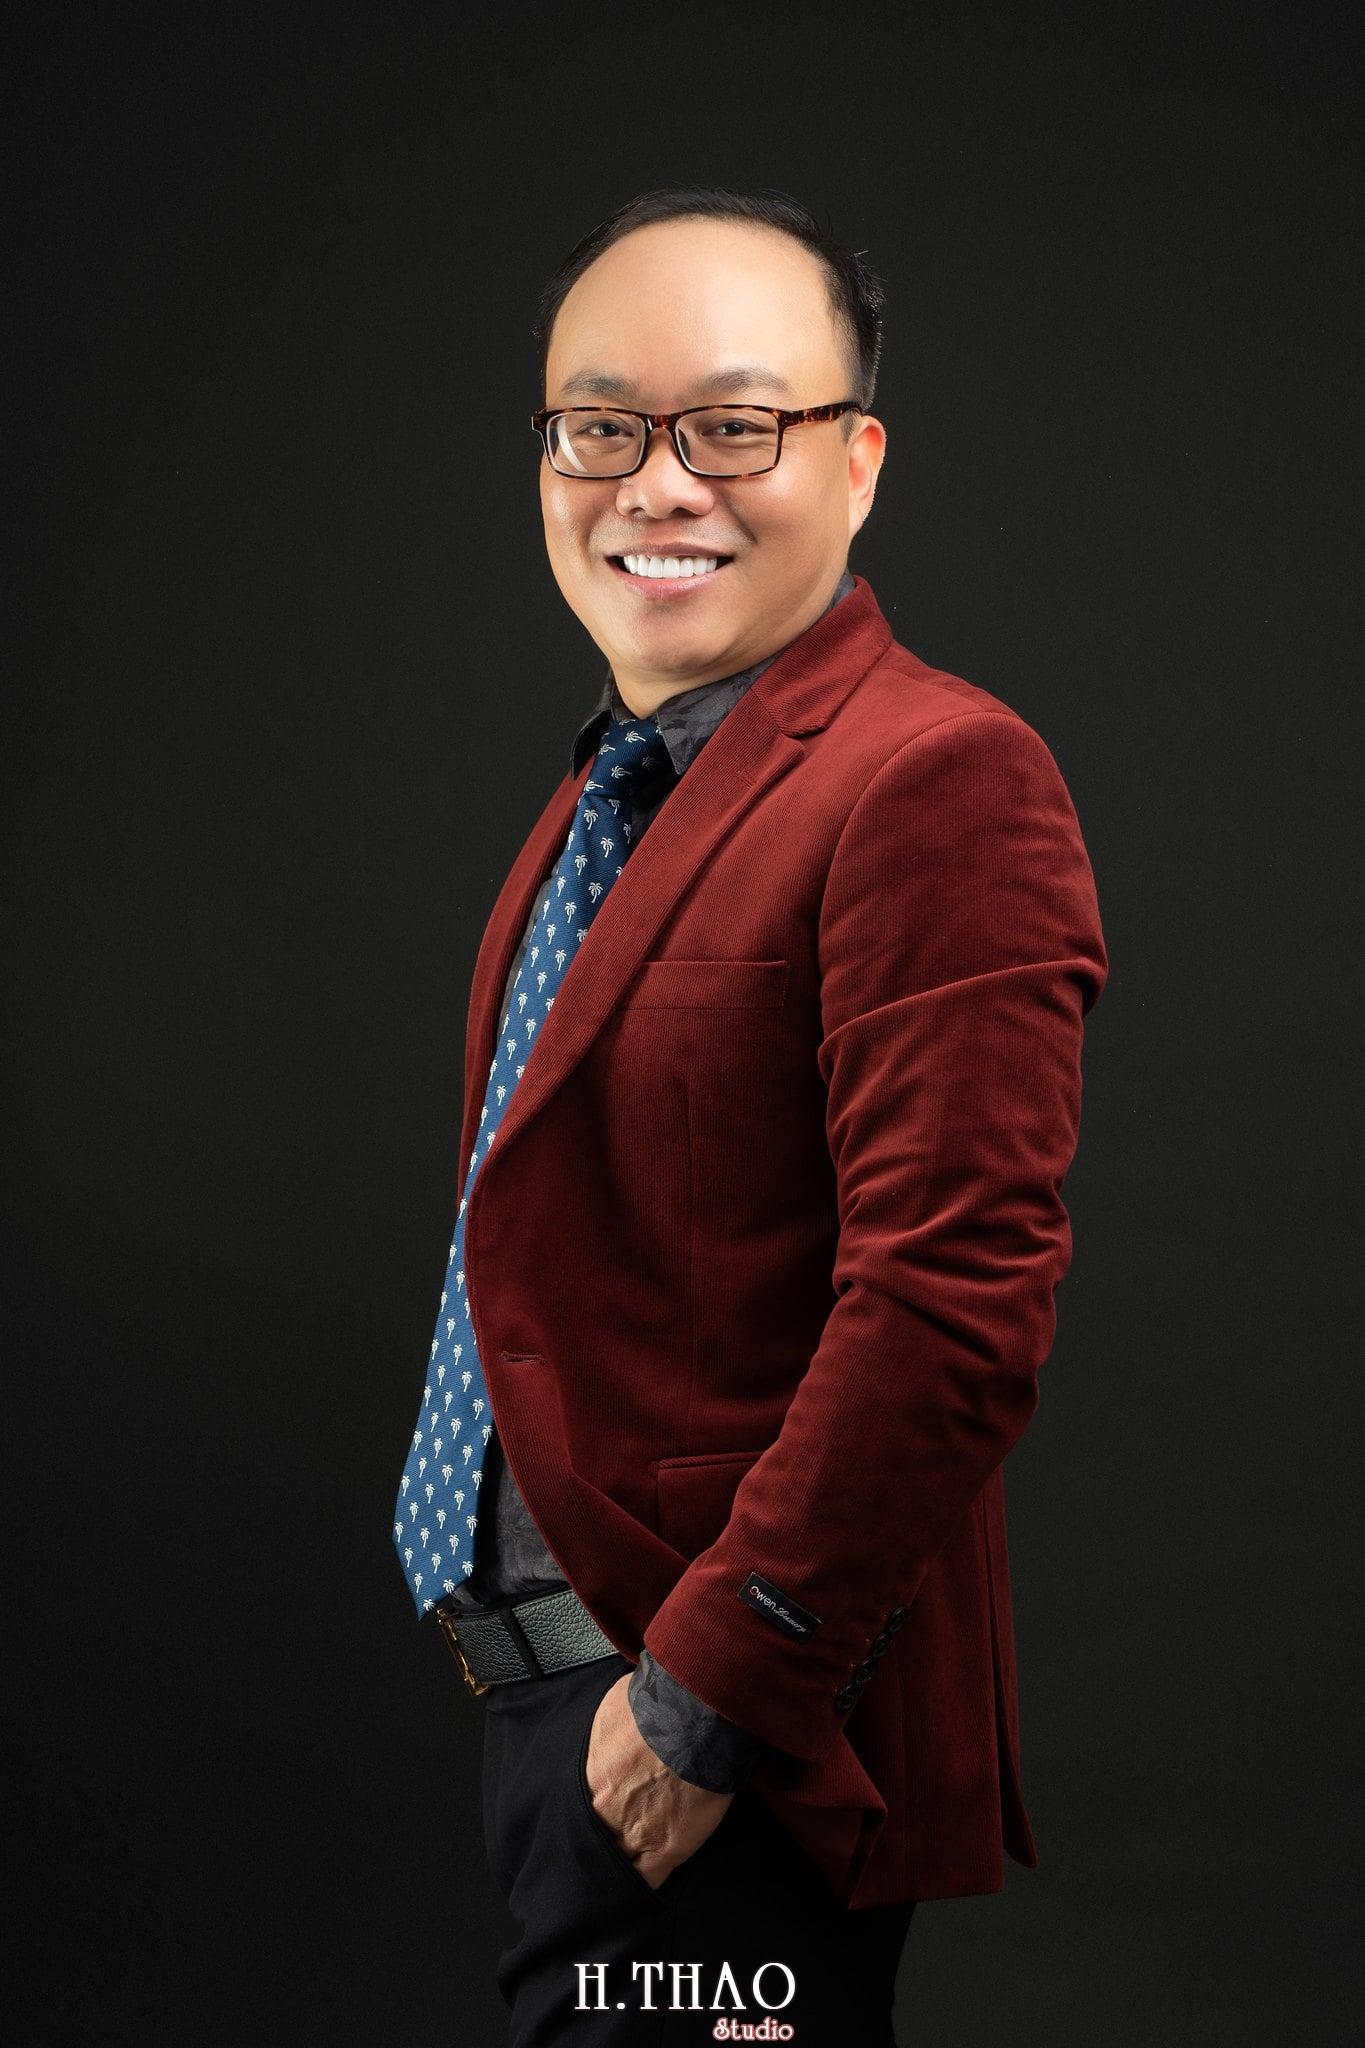 Anh Duy An 2 min - Album ảnh giảng viên, tiến sĩ Duy Ân trẻ tuổi năng động - HThao Studio